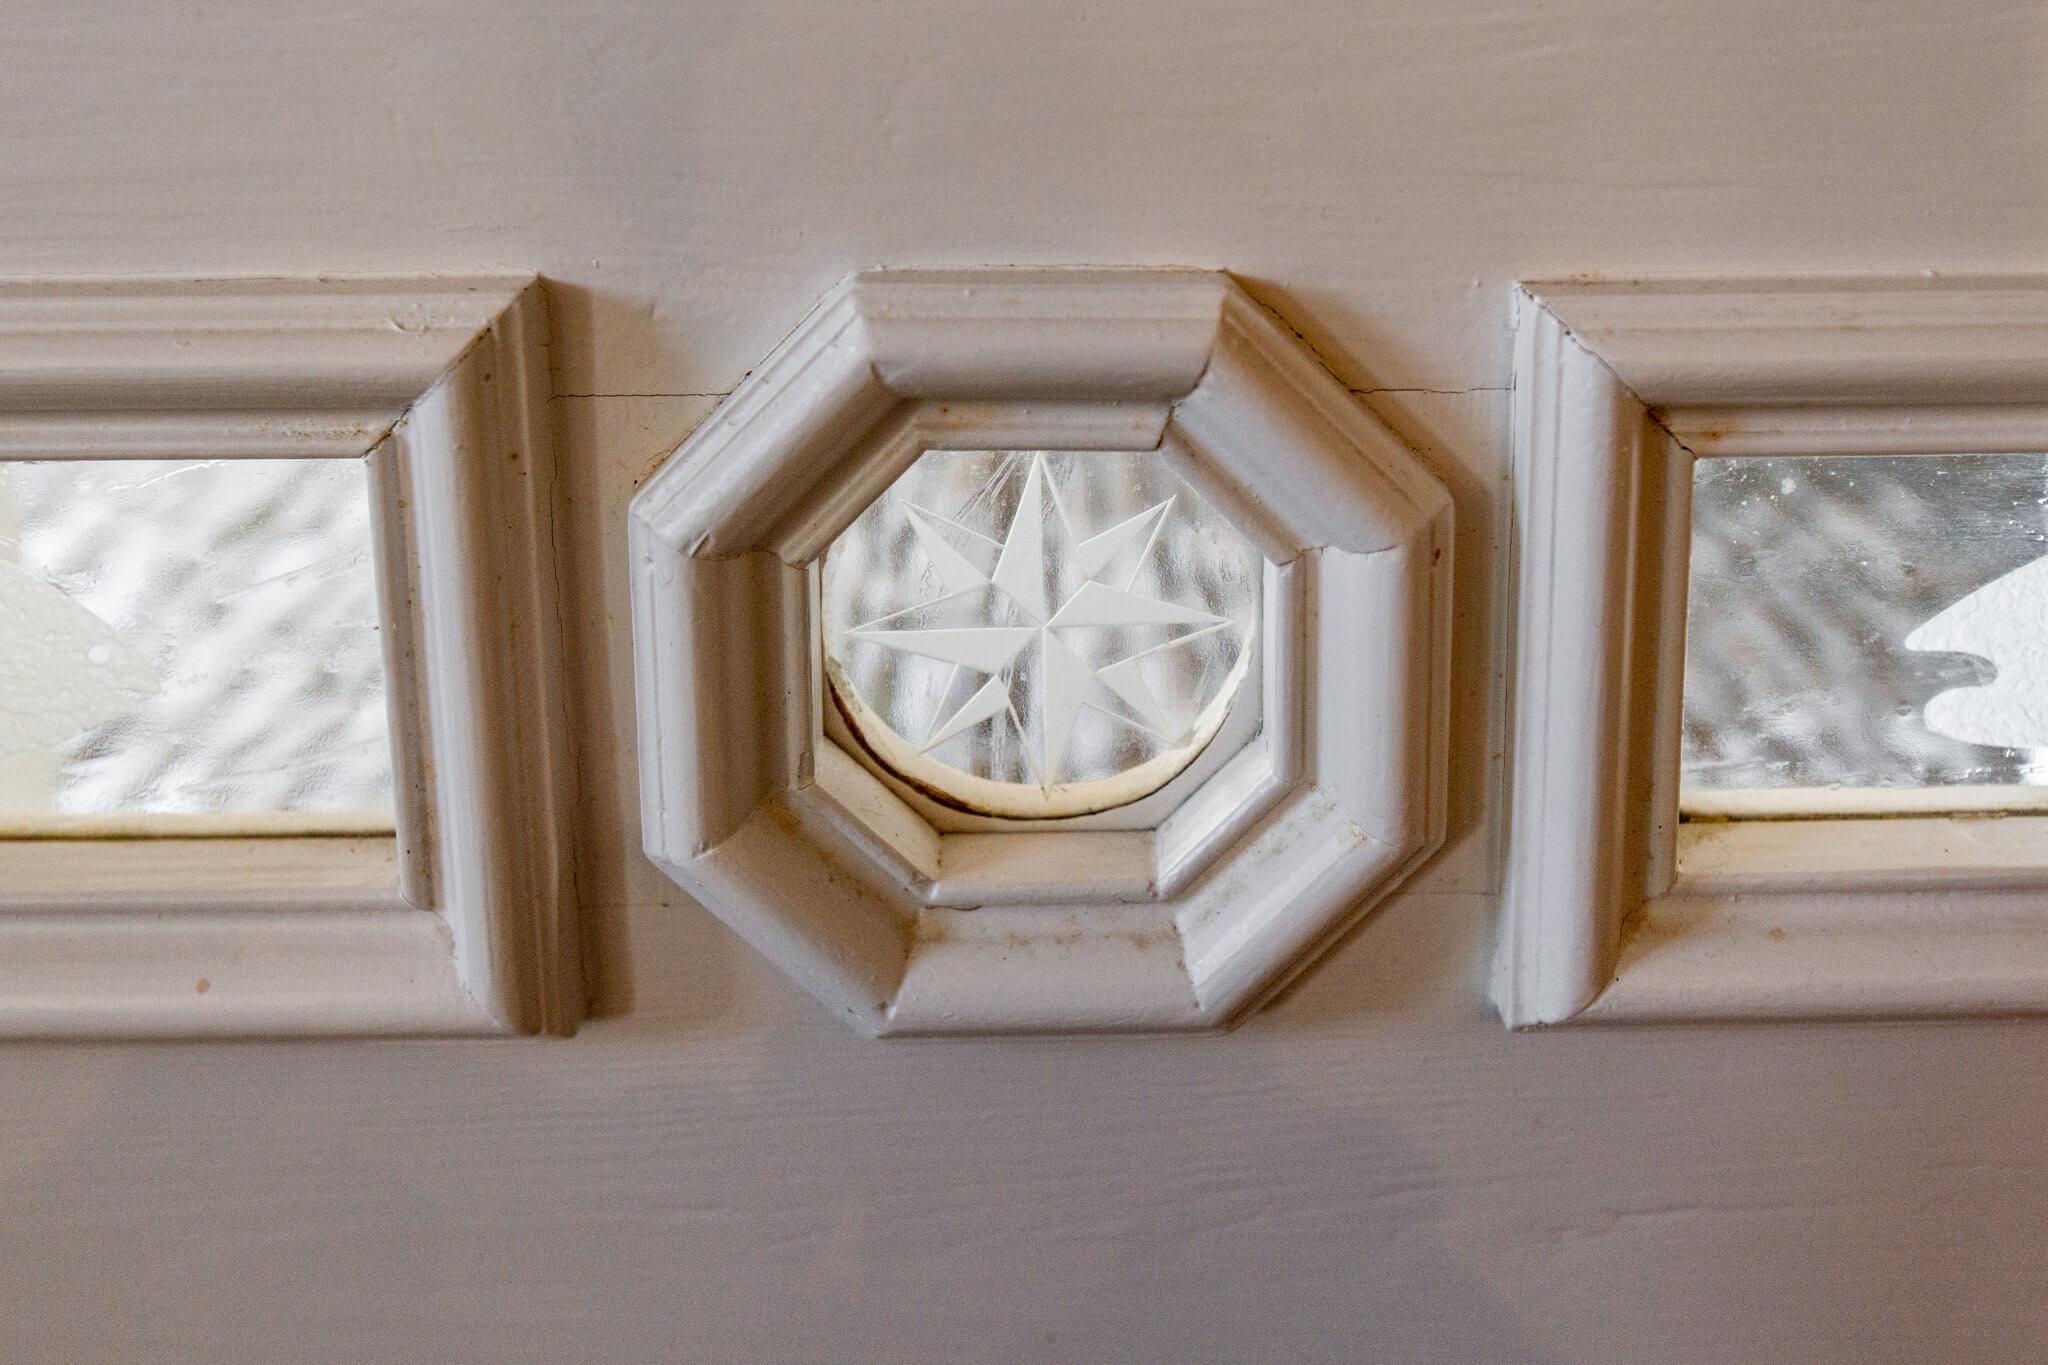 meilleur-decorateur-d-interieur-la-rochelle